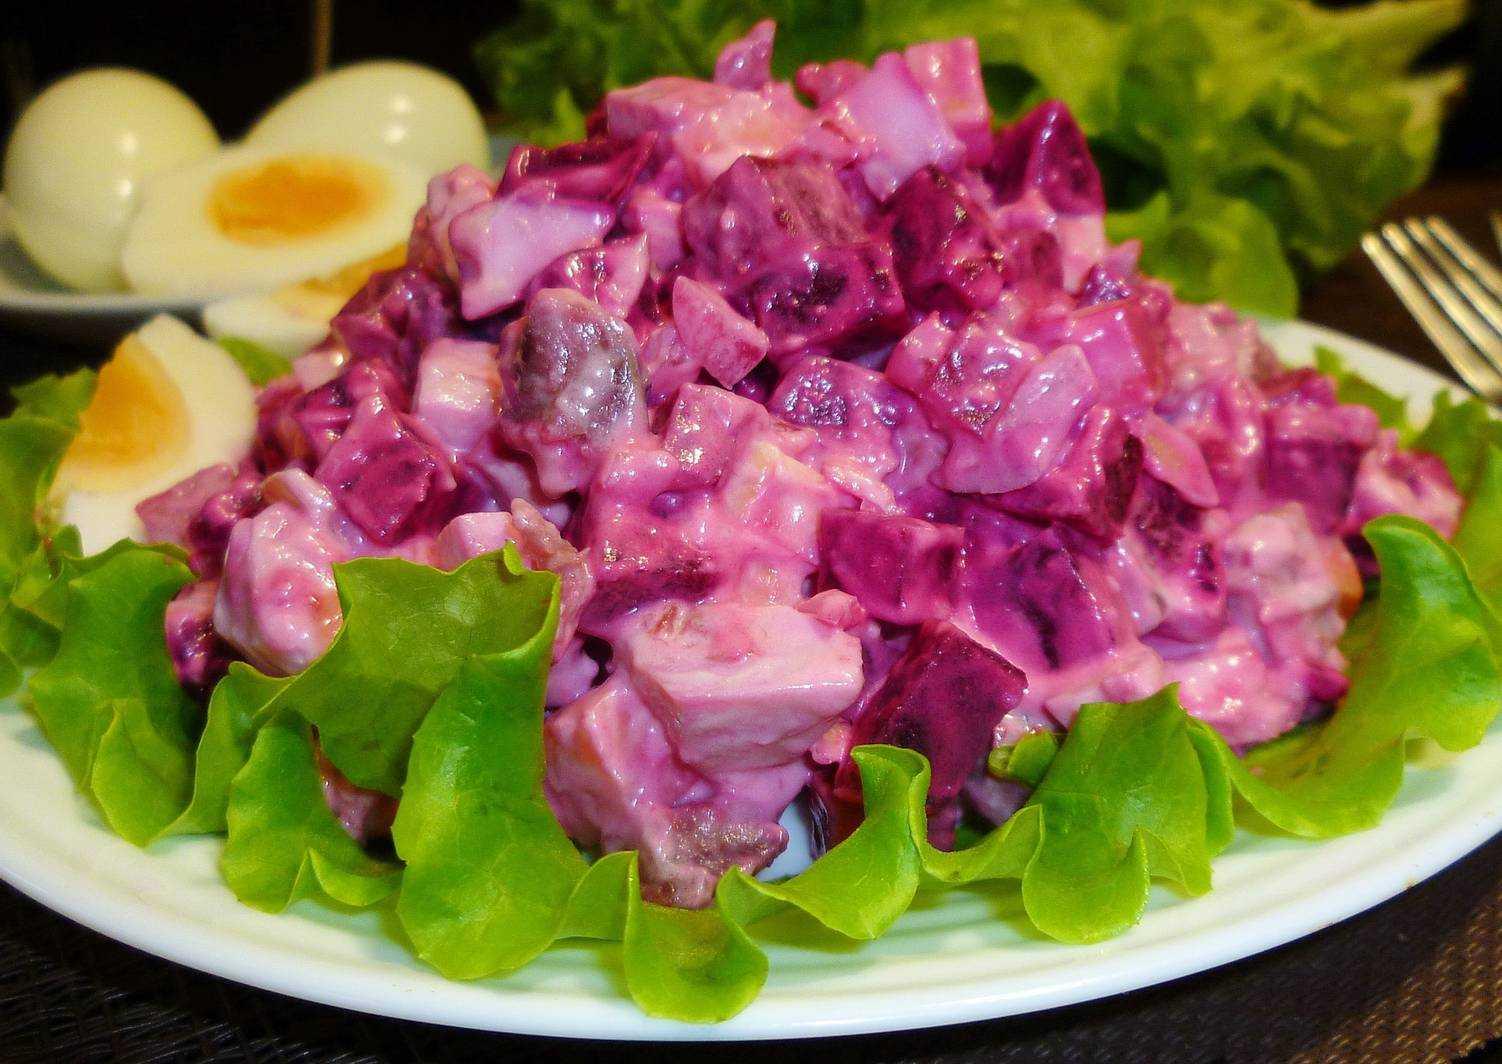 Как приготовить салат дракон из селедки: поиск по ингредиентам, советы, отзывы, пошаговые фото, подсчет калорий, изменение порций, похожие рецепты